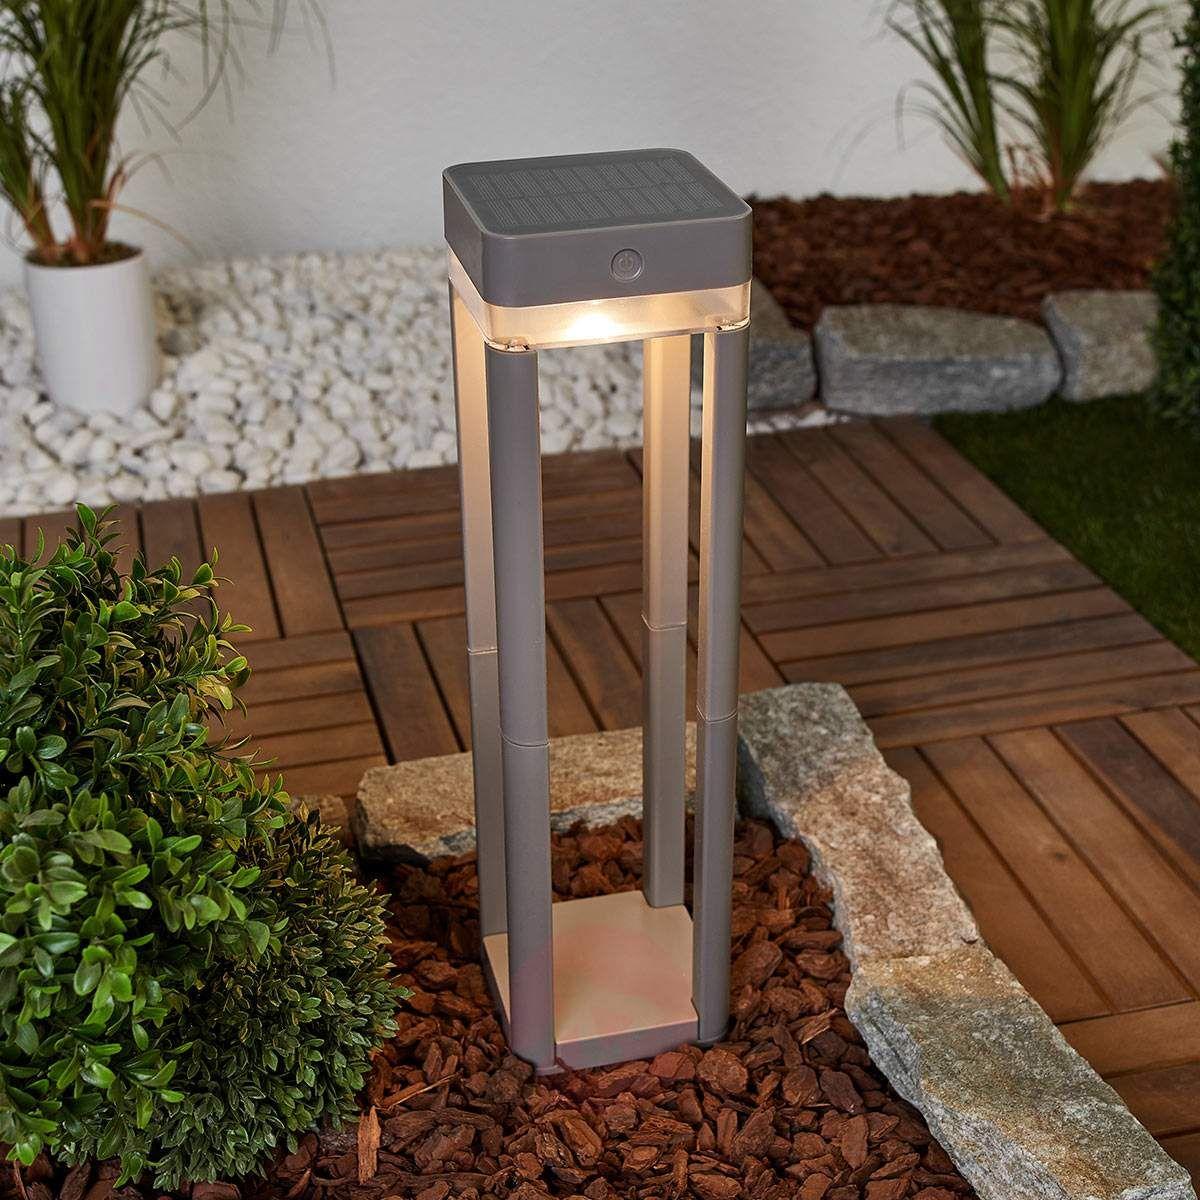 Z Przełącznikiem Słupek Ogrodowy Table Cube Słupki